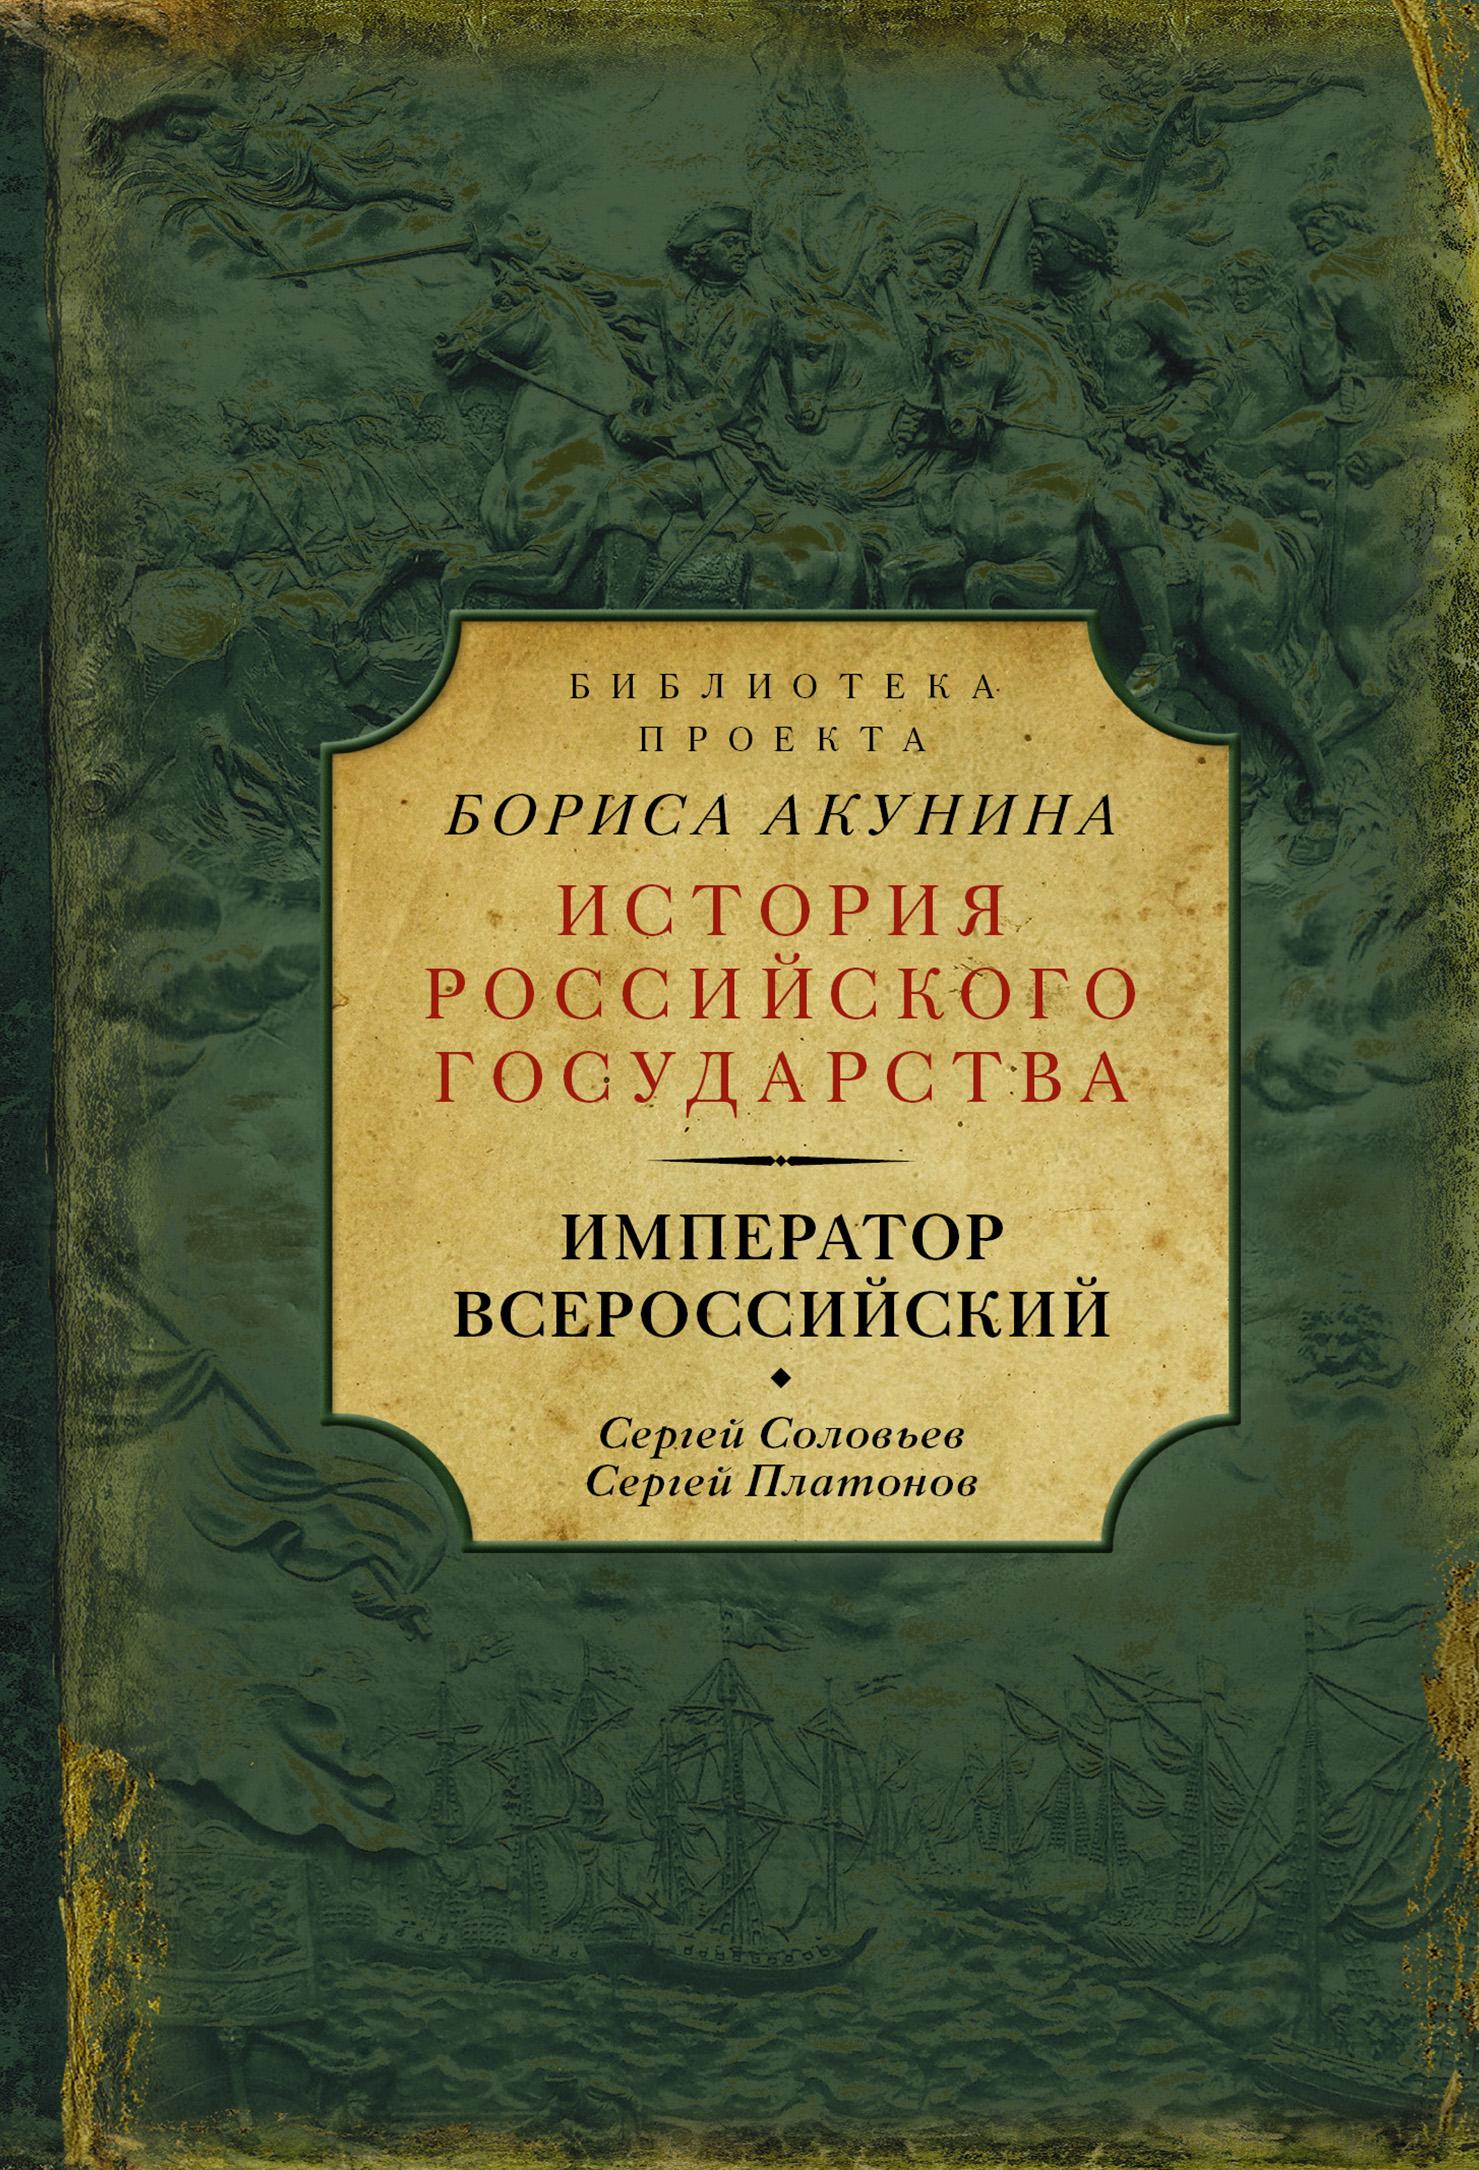 Сергей Соловьев Император Всероссийский (сборник)